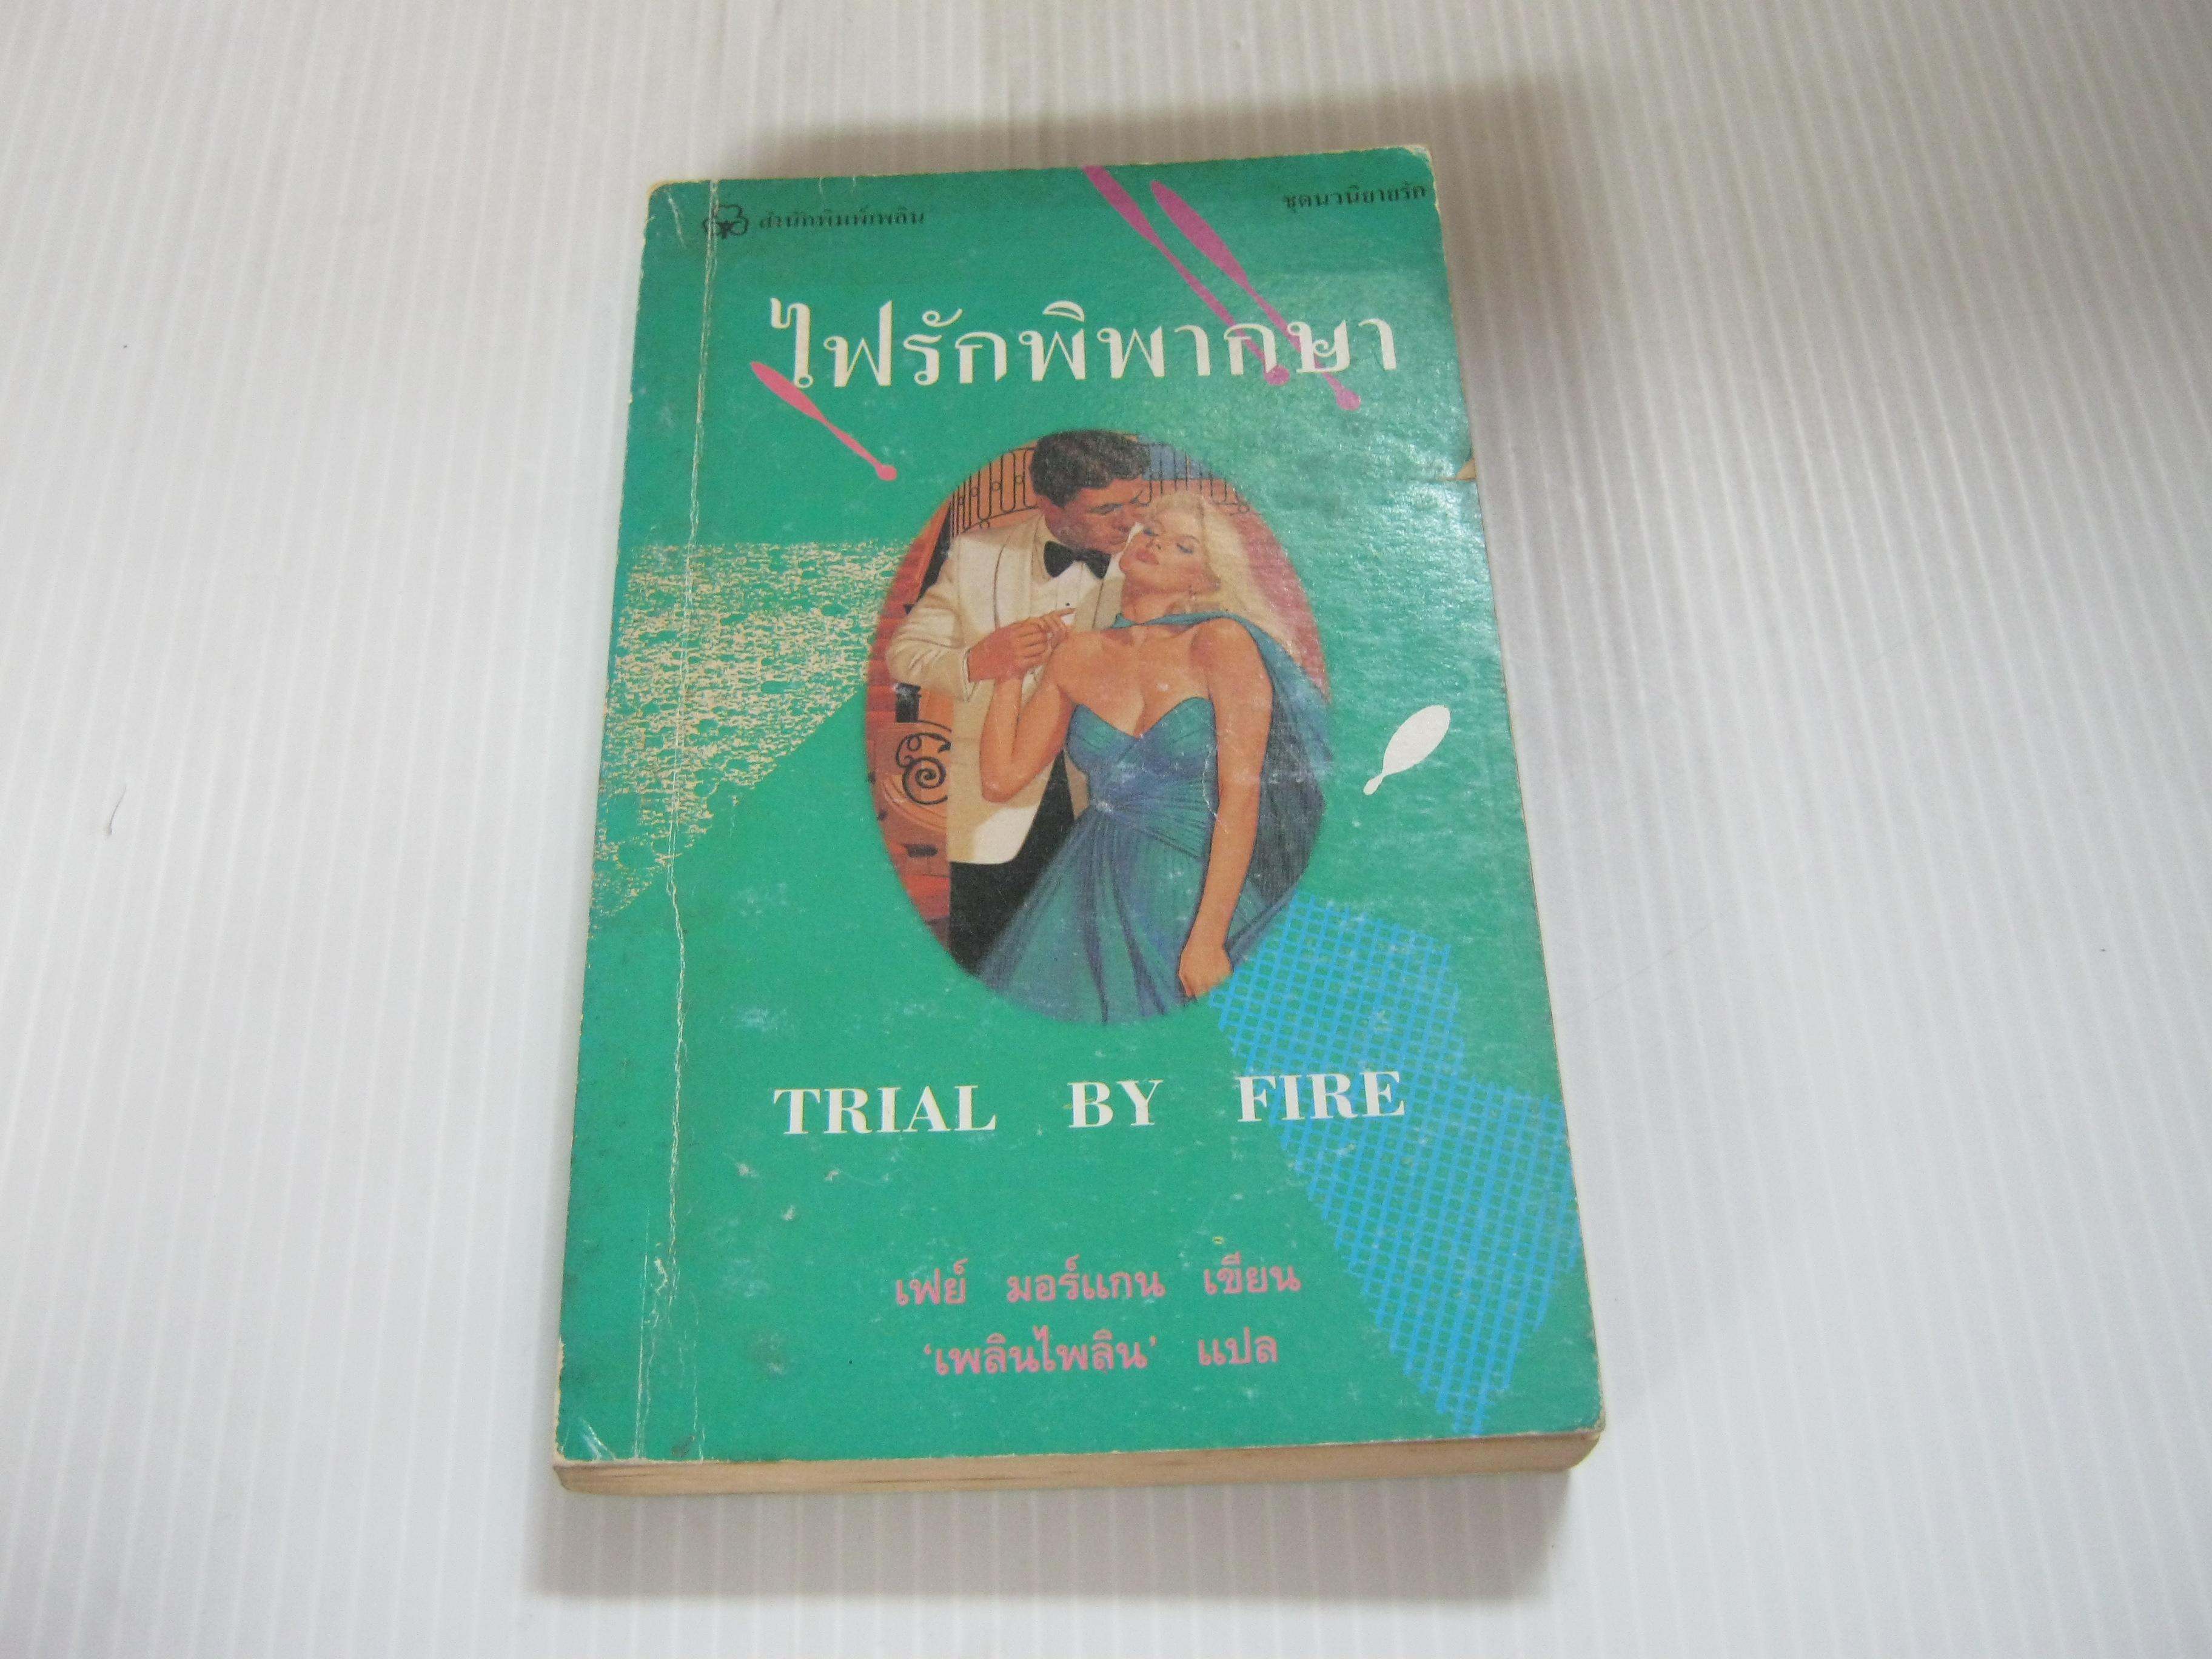 ไฟรักพิพากษา (Trial By Fire) เฟย์ มอร์แกน เขียน เพลินไพลิน แปล